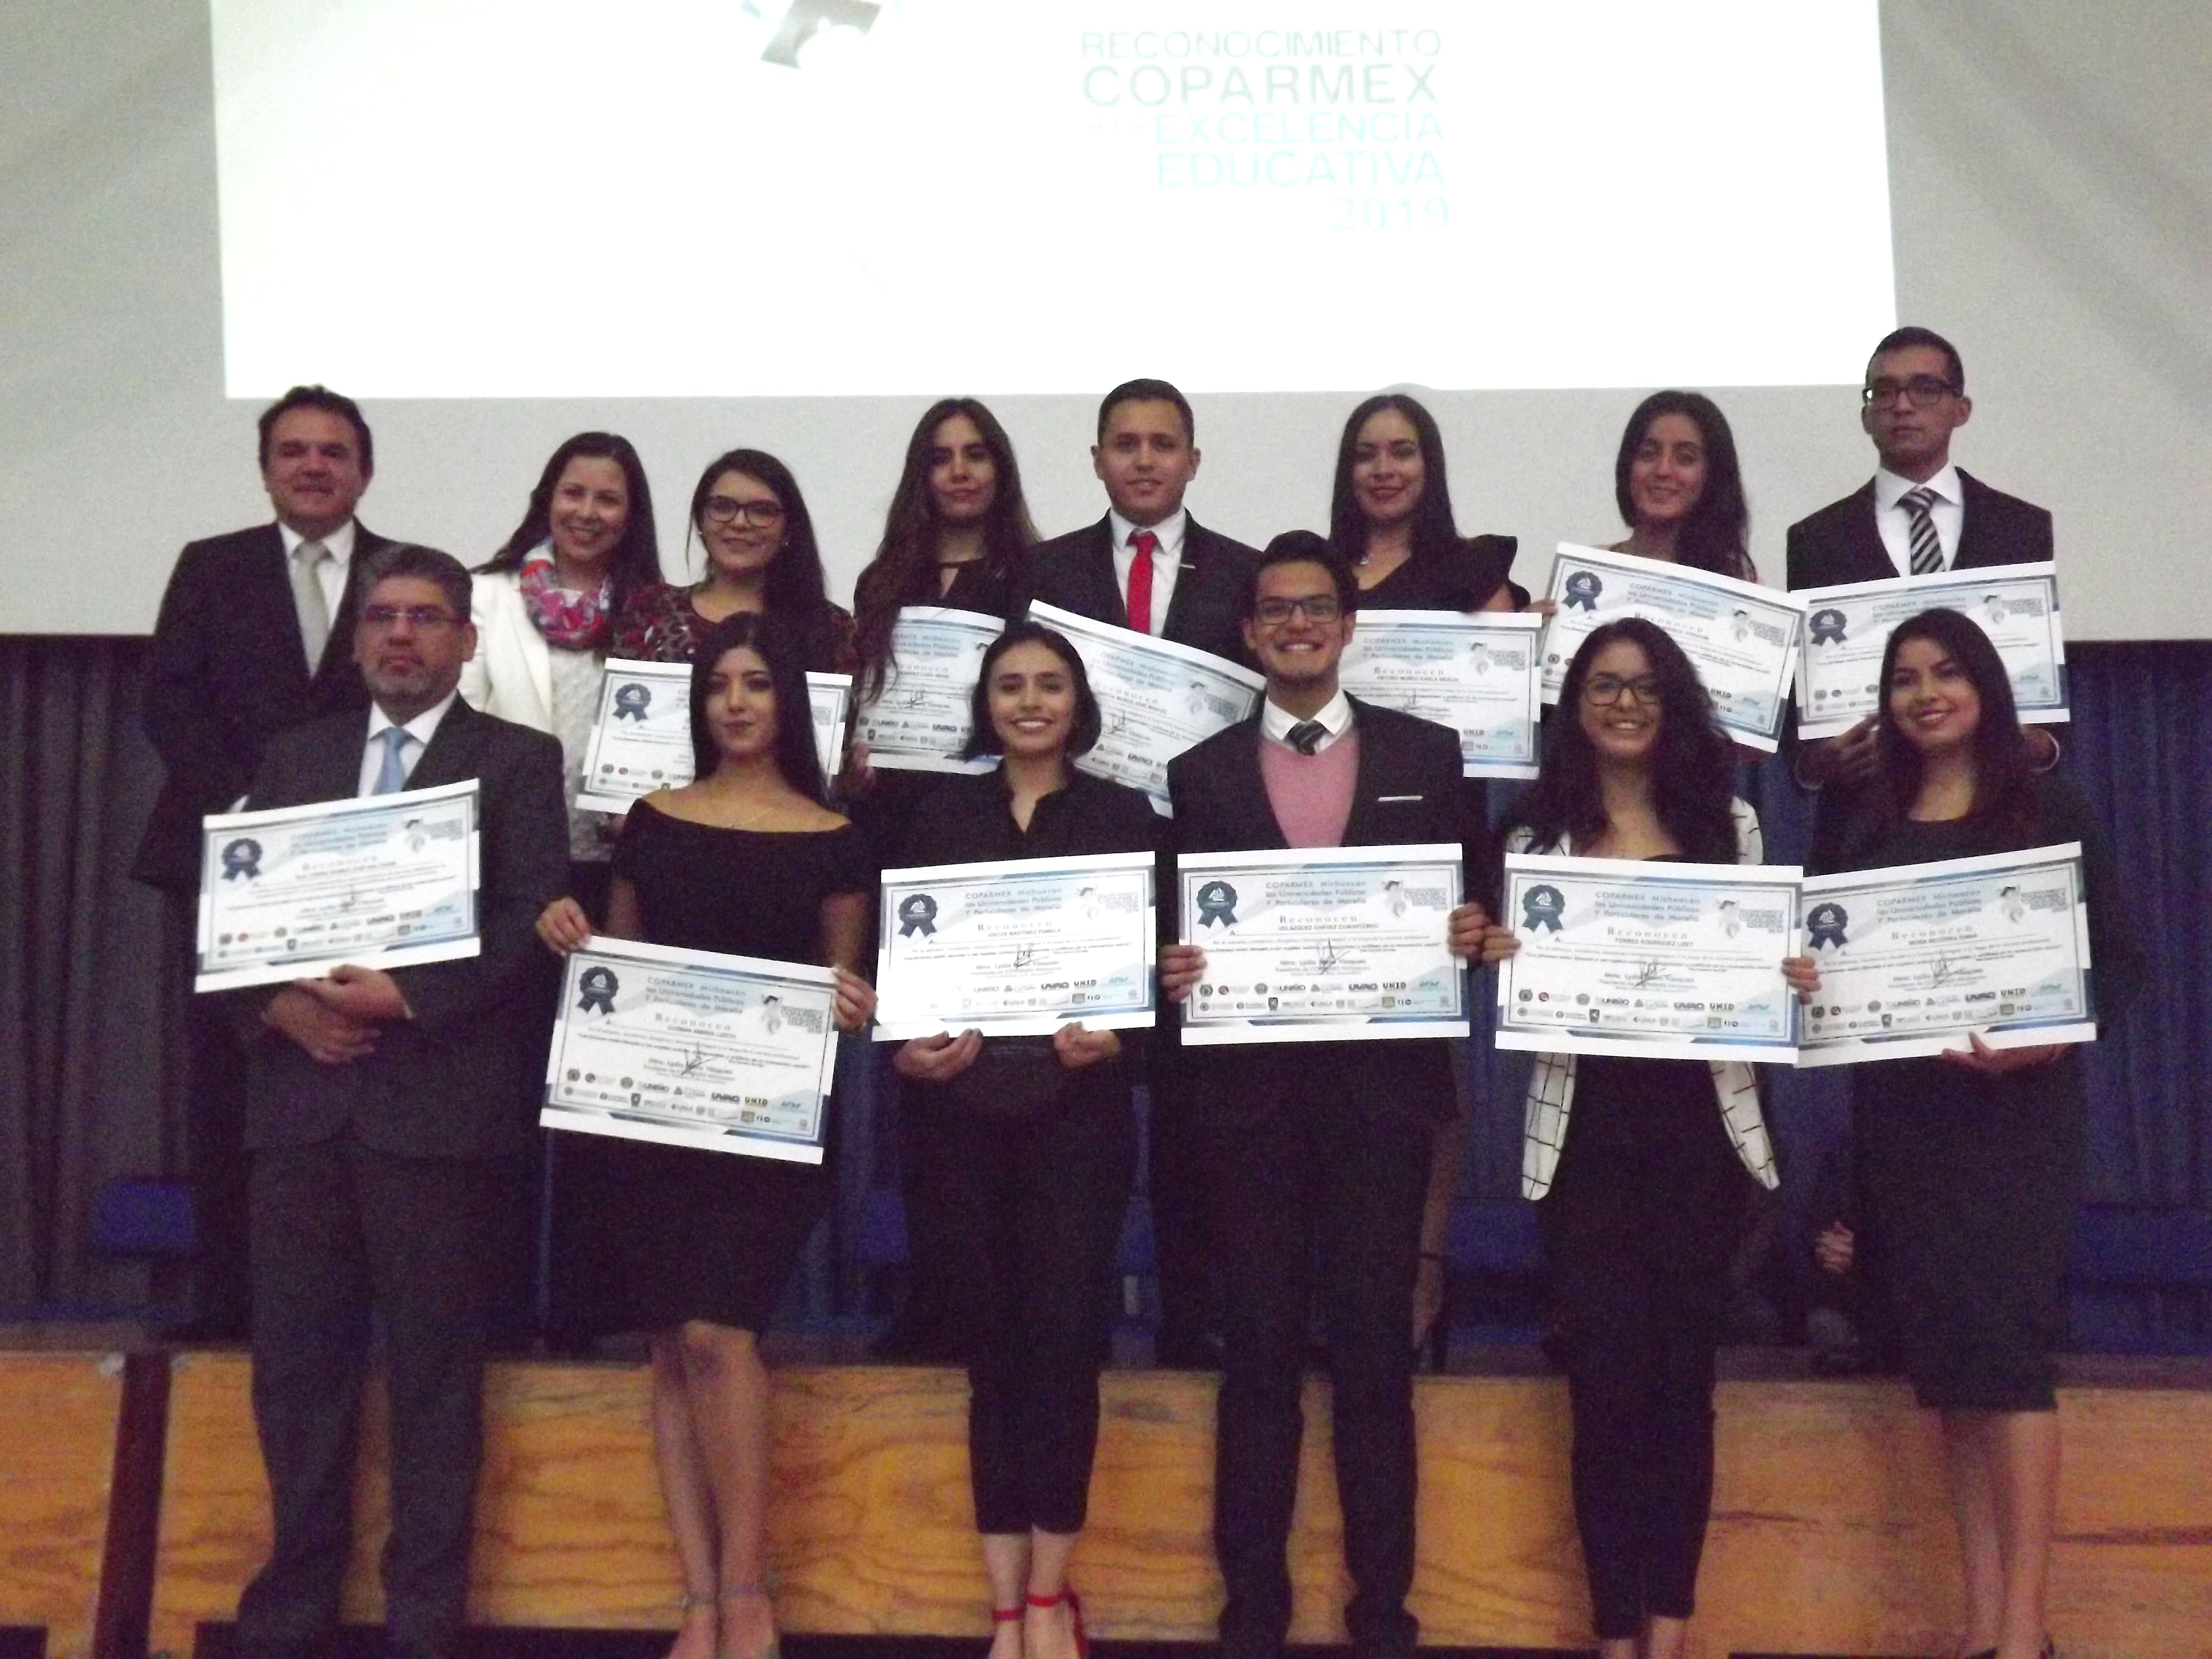 ENTREGA DE RECONOCIMIENTOS COPARMEX A LA EXCELENCIA EDUCATIVA 2019